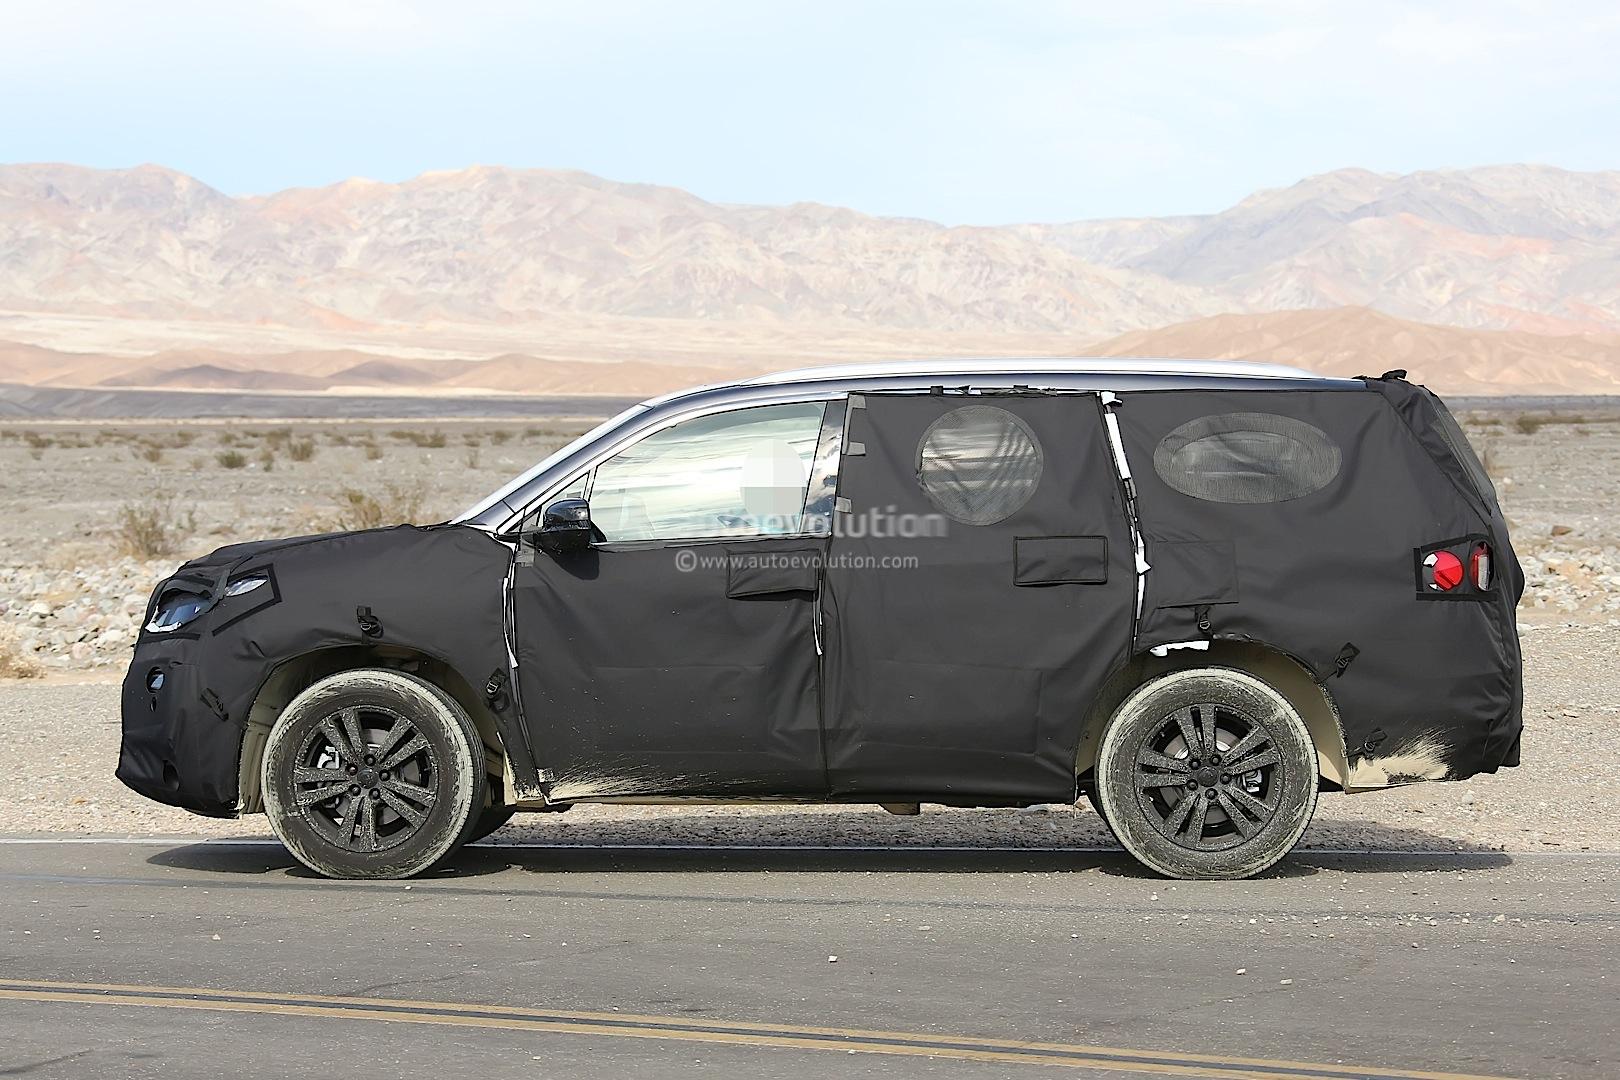 2016 Honda Pilot Spied Testing in the Desert - autoevolution